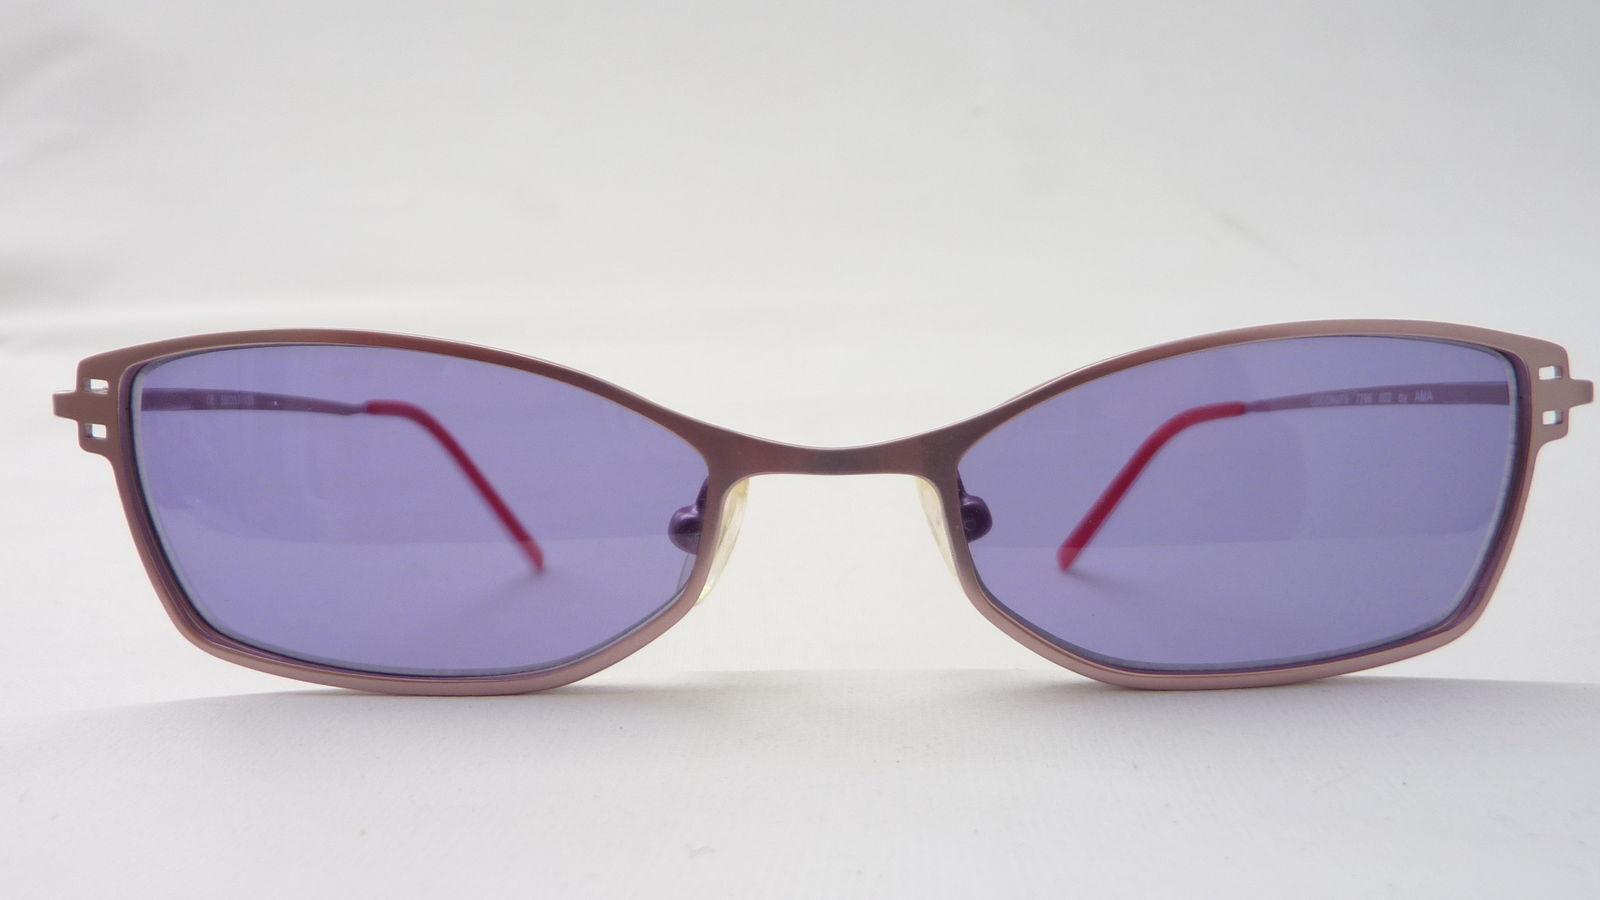 Coconuts Sonnenbrille silber matt Kunststoffgläser75%grau-blau Federbügel Größe M | Outlet  Outlet  Outlet  4cc197